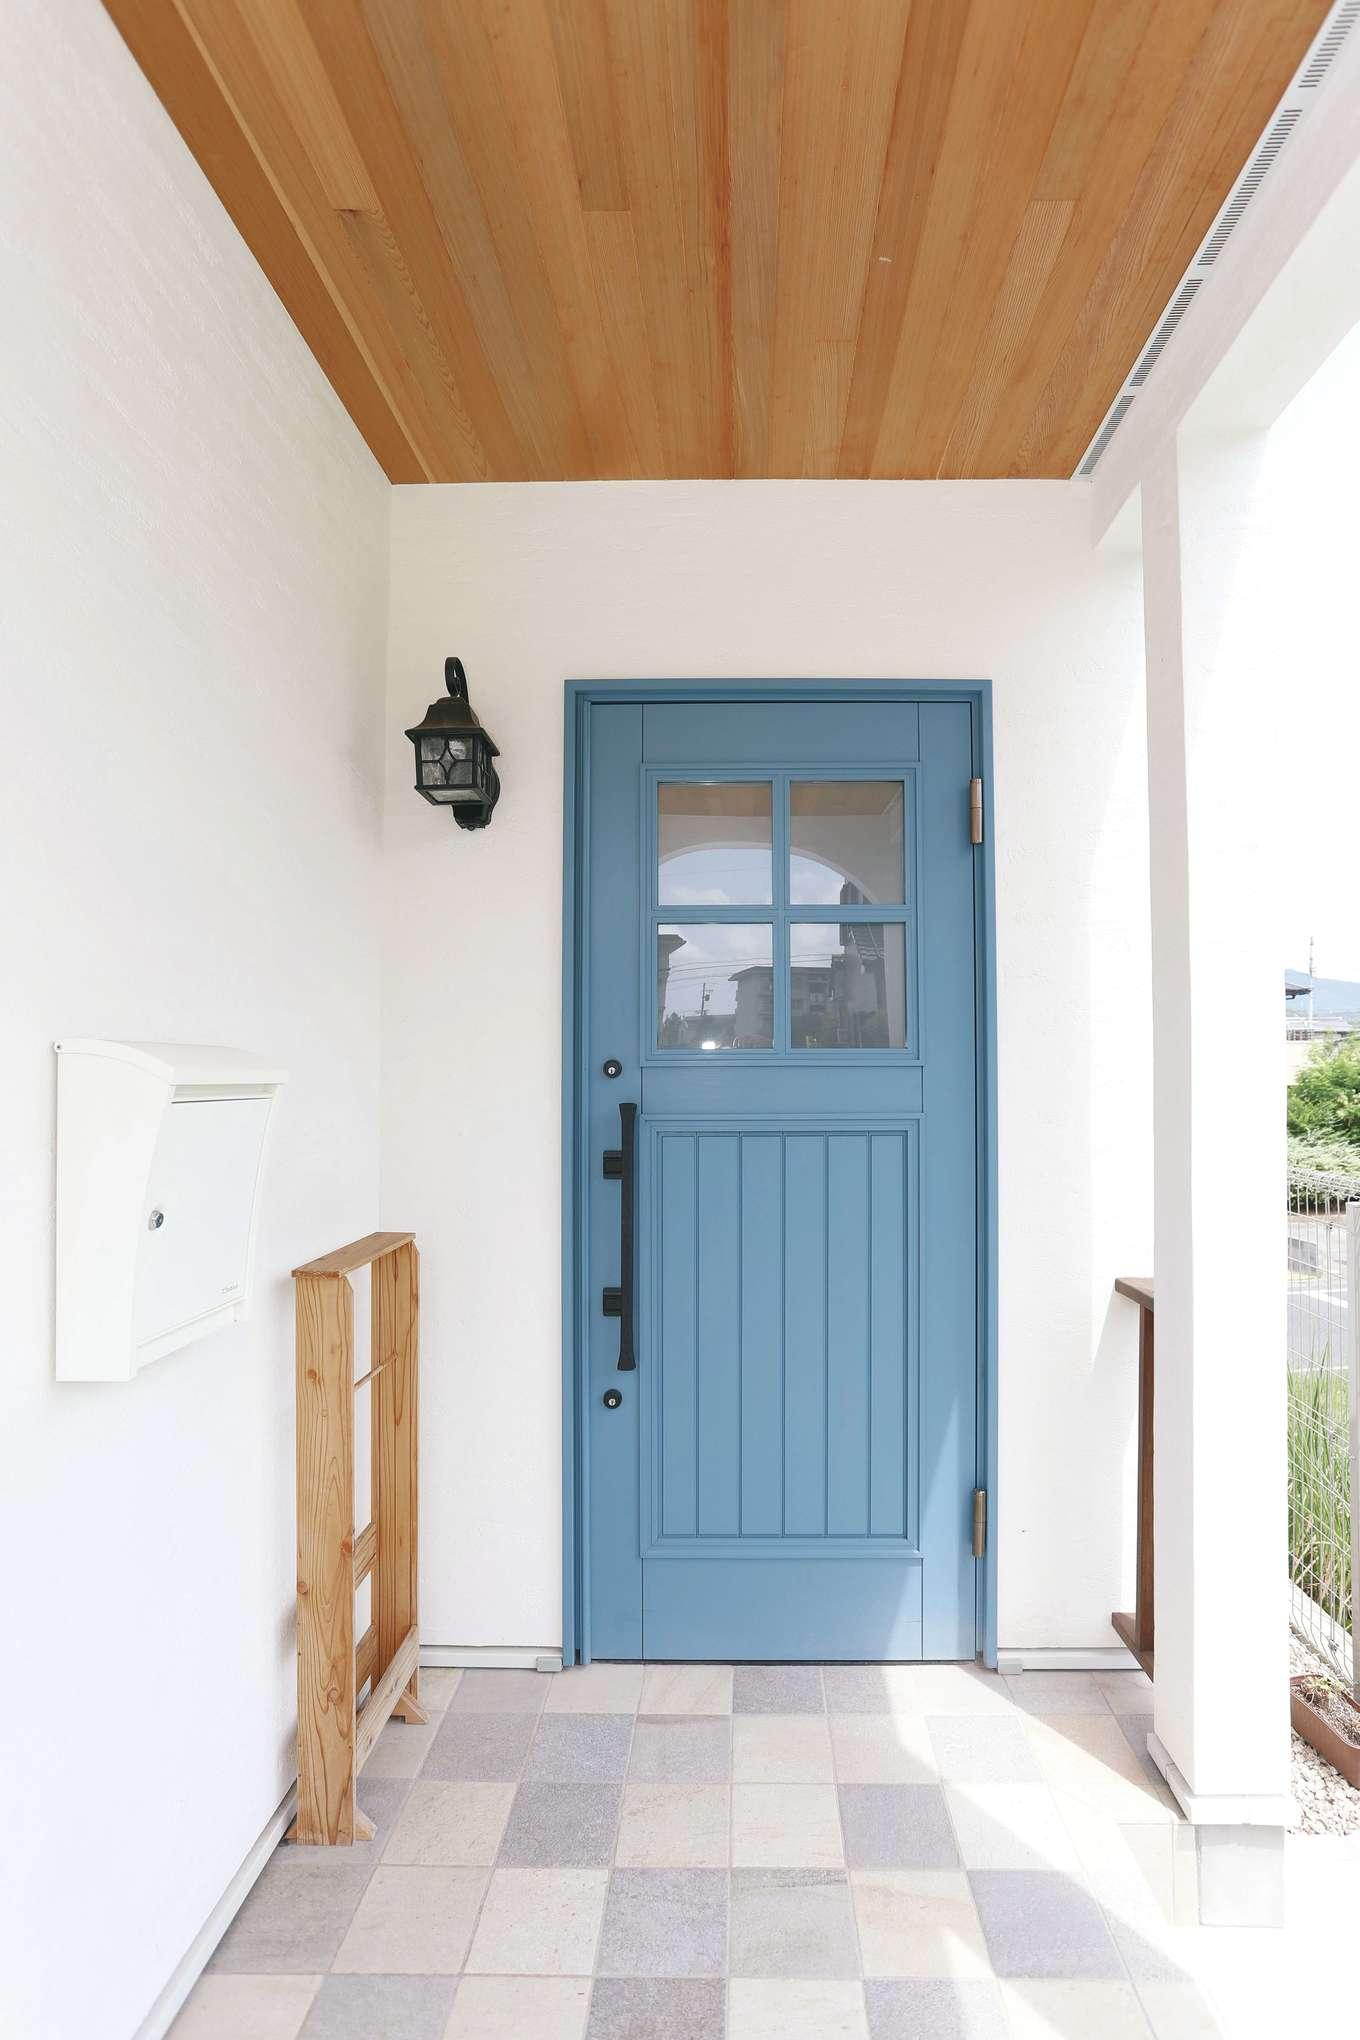 誠一建設 【デザイン住宅、自然素材、省エネ】玄関は輸入ドアのブルーが鮮やか